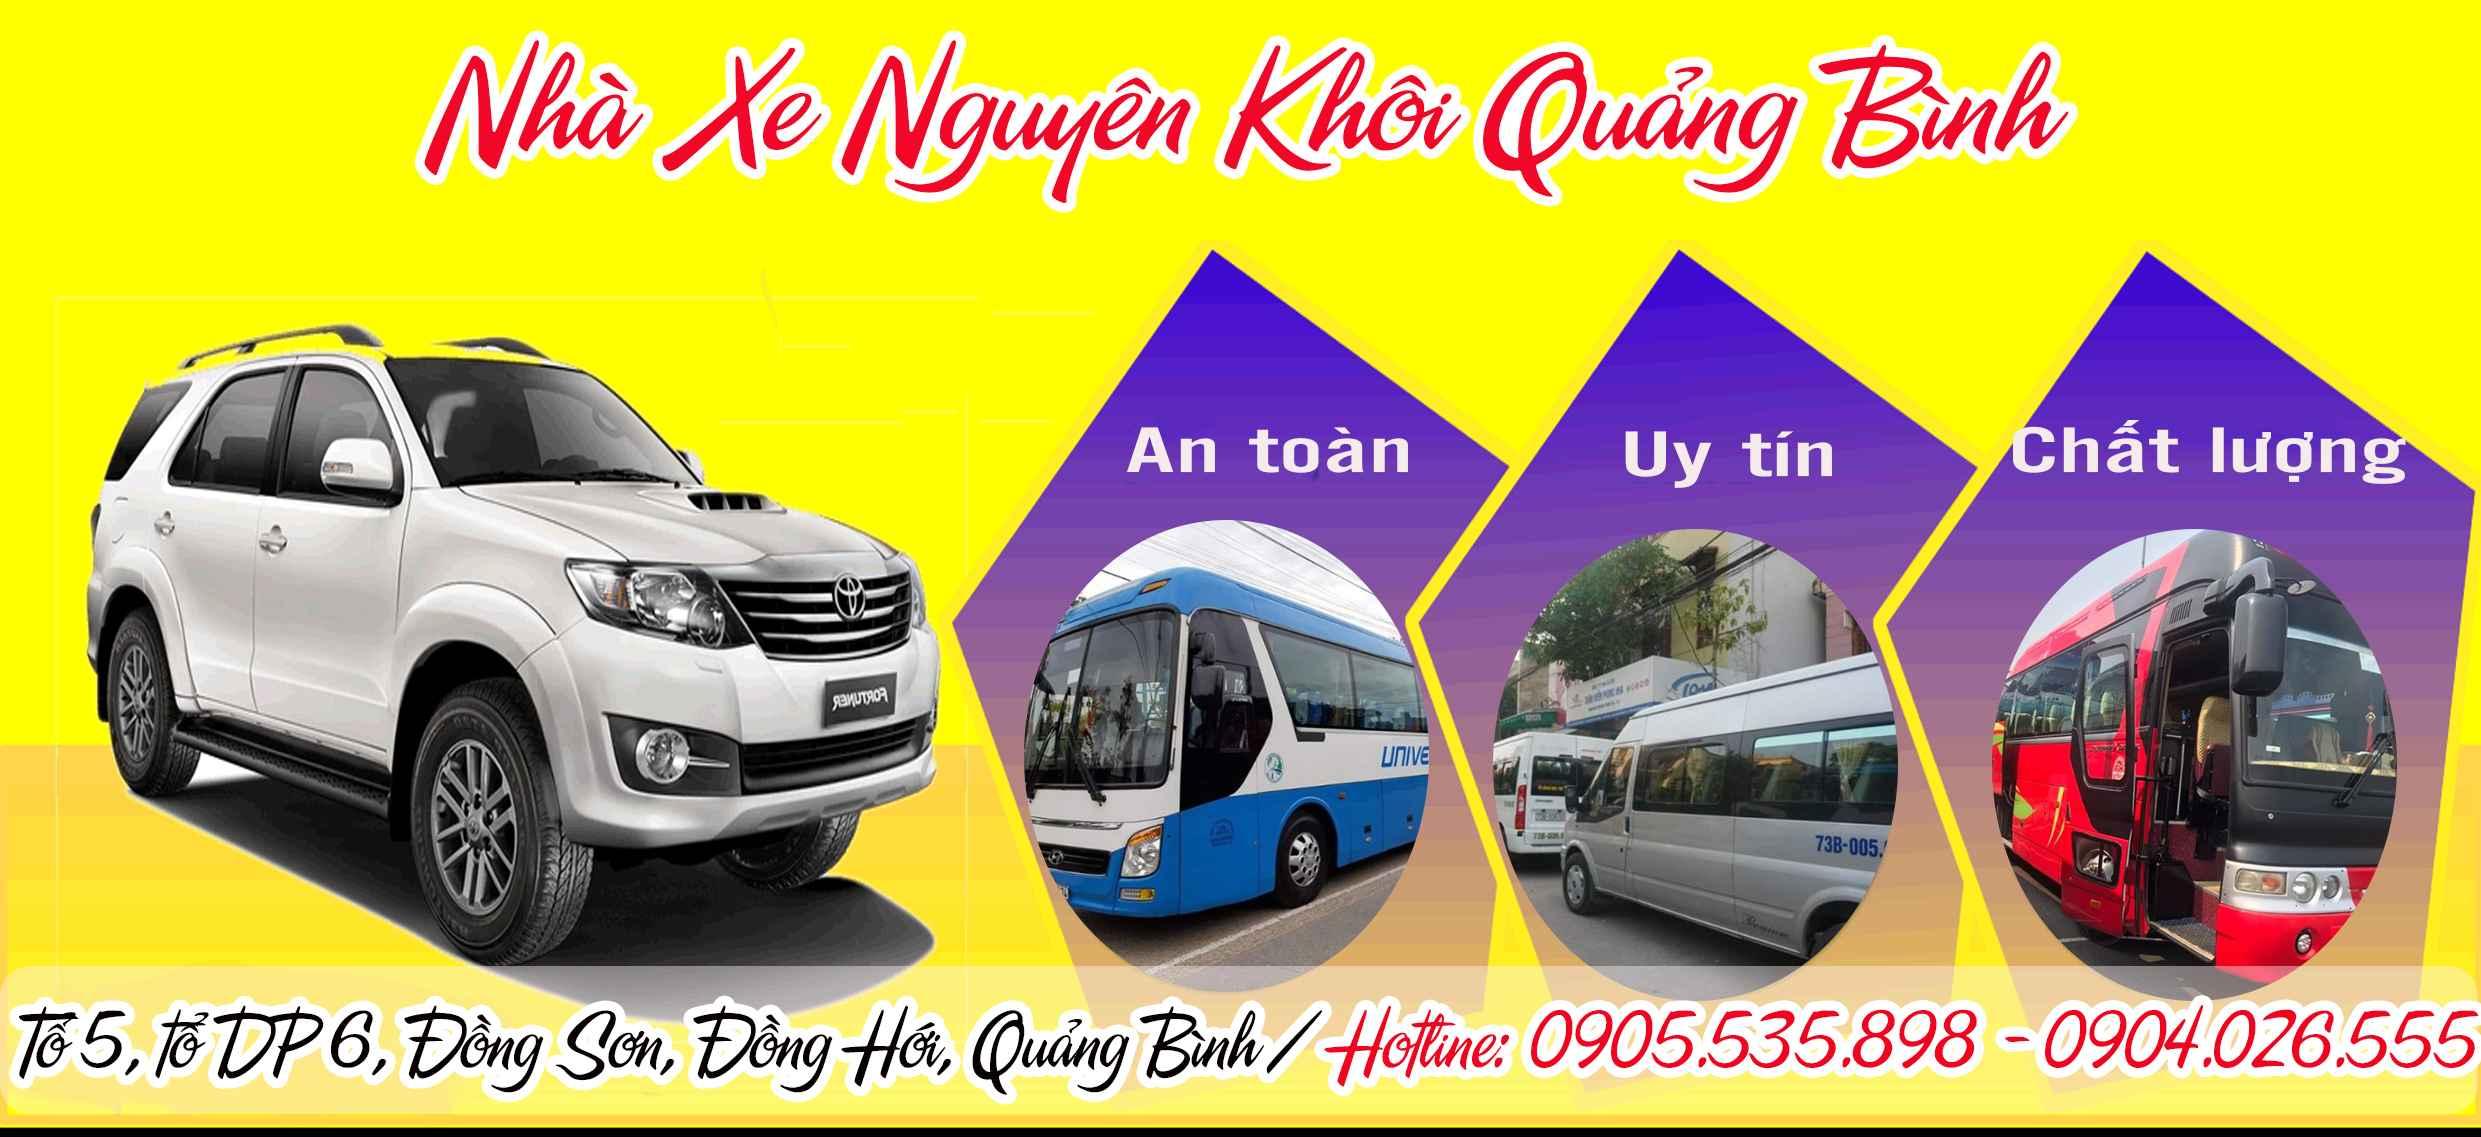 Nhà xe Nguyên Khôi Quảng Bình